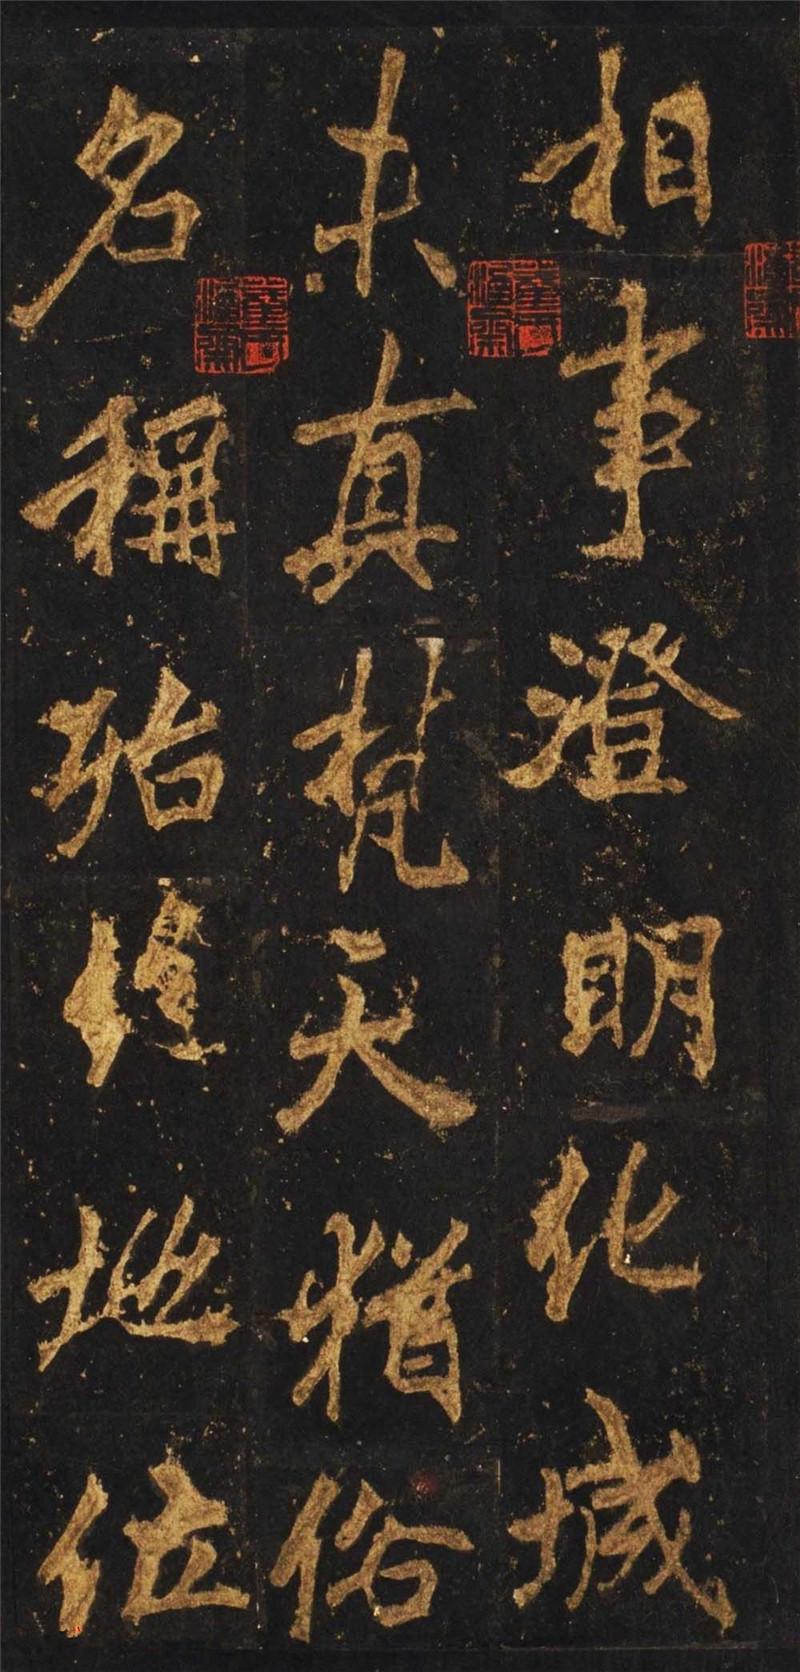 唐代李邕行楷书欣赏《麓山寺碑》宋拓本(局部